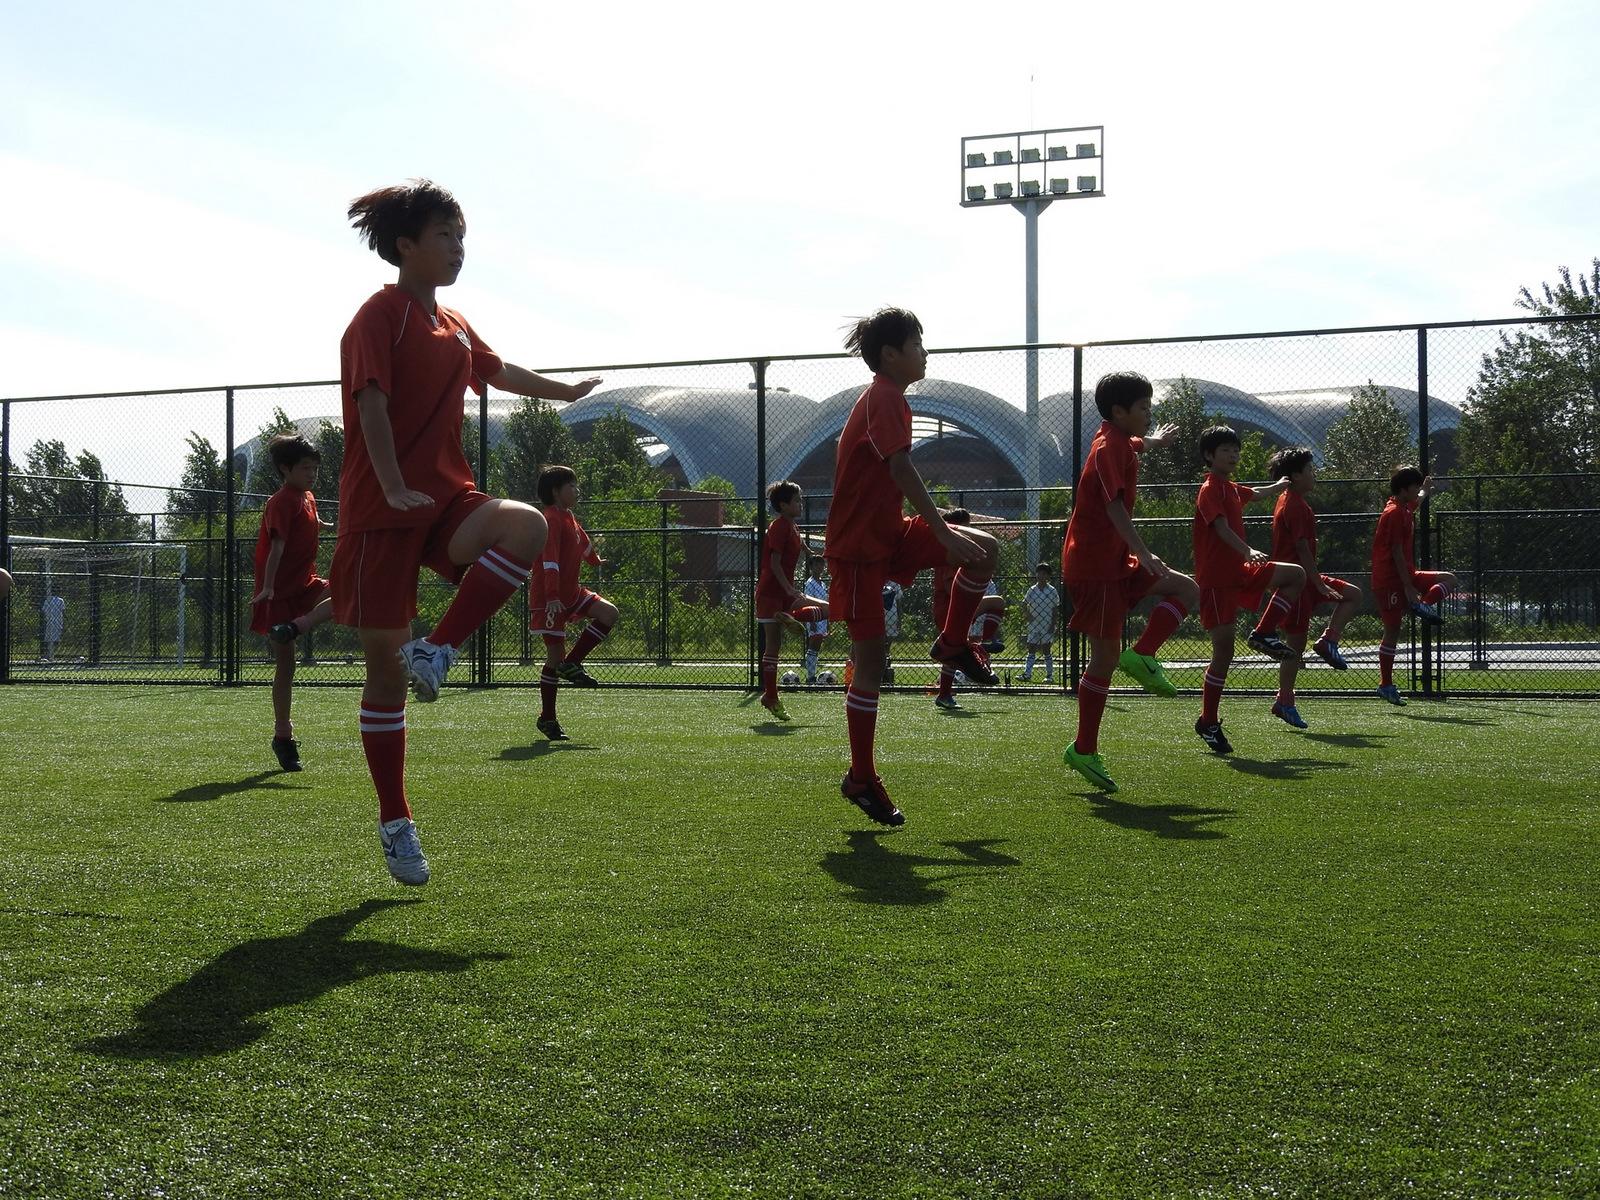 Ζέσταμα και ασκήσεις γυμναστικής νεαρών αθλητών στη  Διεθνή Ποδοσφαιρική Ακαδημία της Πιονγιάνγκ, με εγκαταστάσεις  που δεν έχουν να ζηλέψουν τίποτα από αυτές δυτικών χωρών.